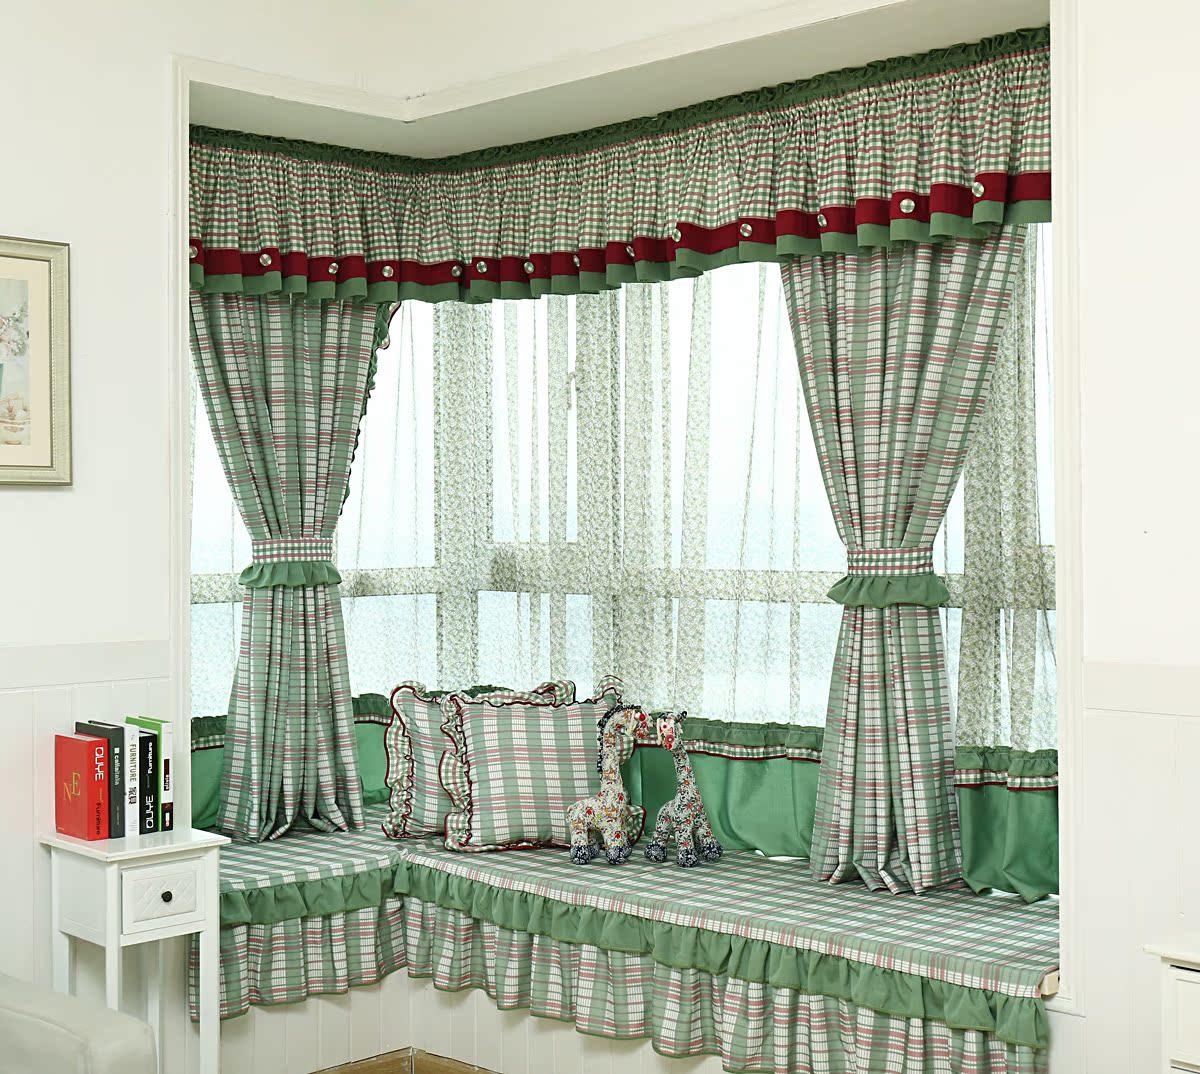 2016新款棉布材质田园风格绿色格子飘窗窗帘 短帘 卧室 阳台